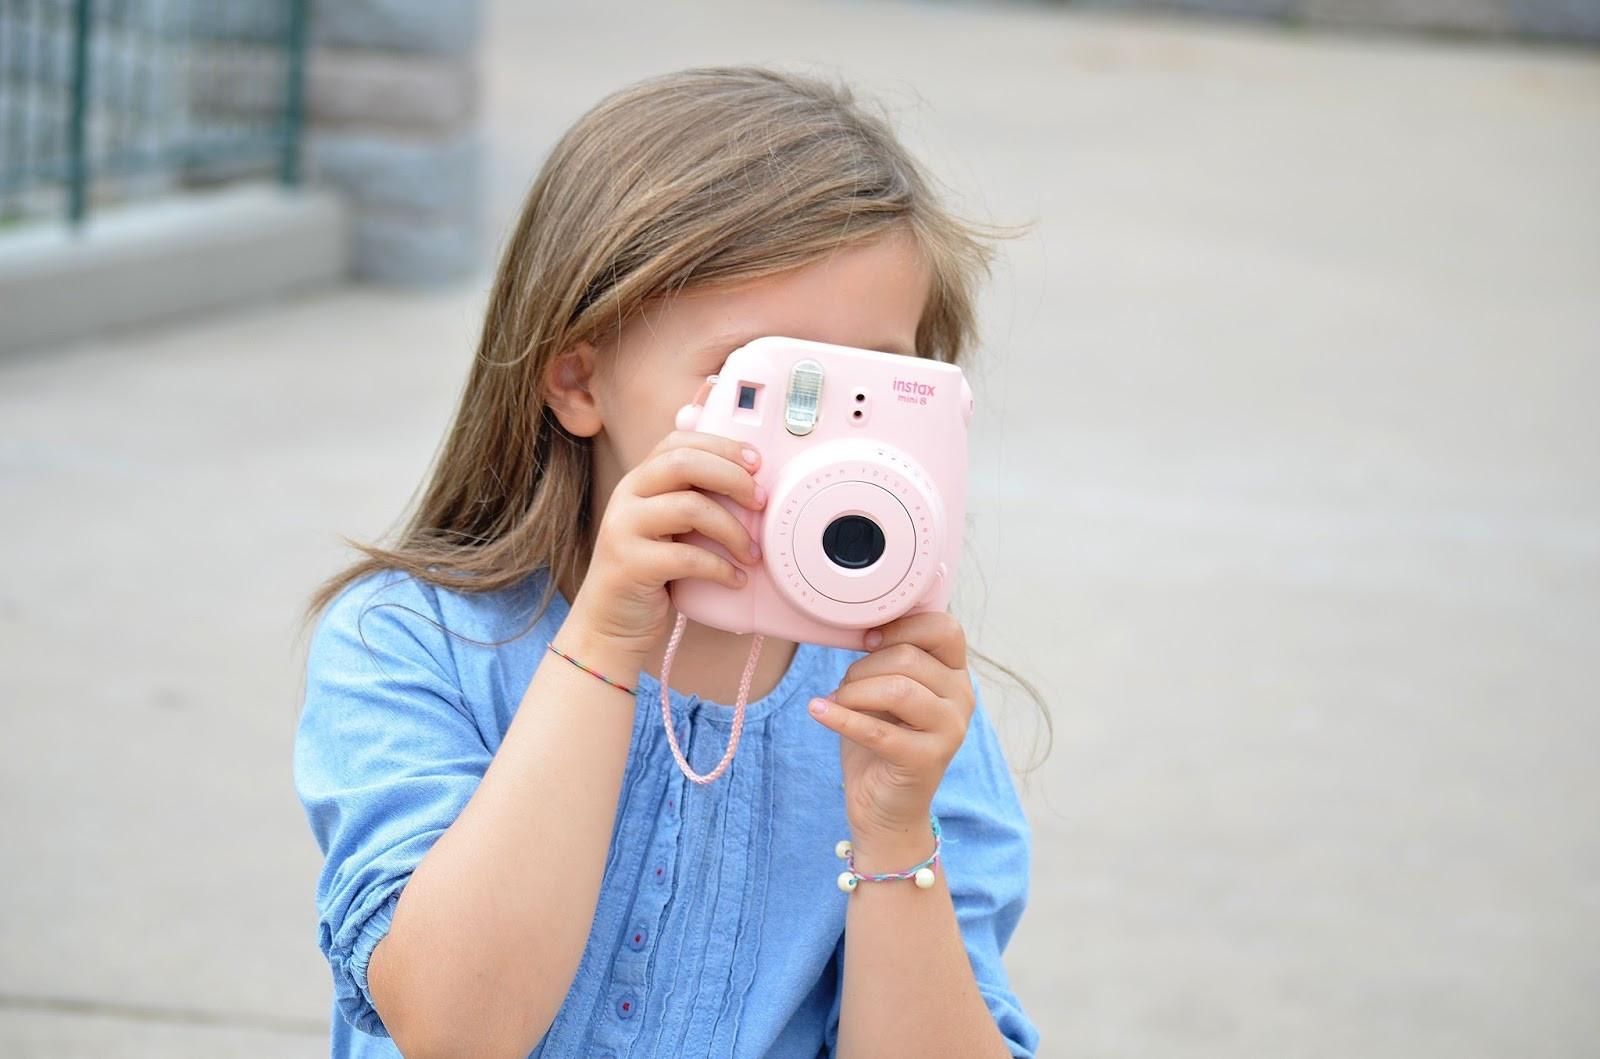 Geburtstagsgeschenk Mädchen 4 Jahre  Geburtstagsgeschenke Ideen für große Mädchen • Beauty Mami